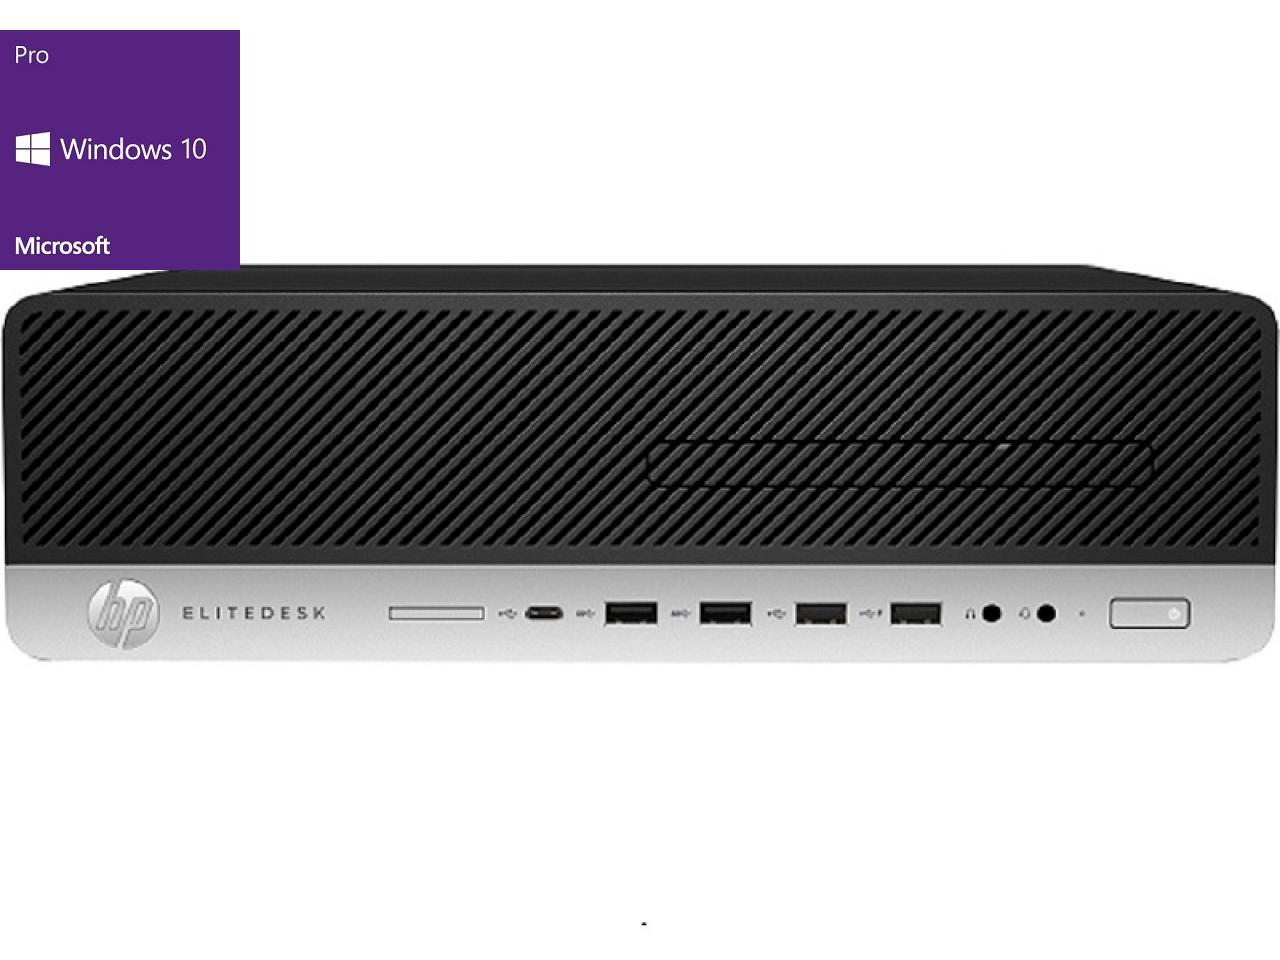 Hewlett Packard EliteDesk 800 G3 SFF  - shop.bb-net.de